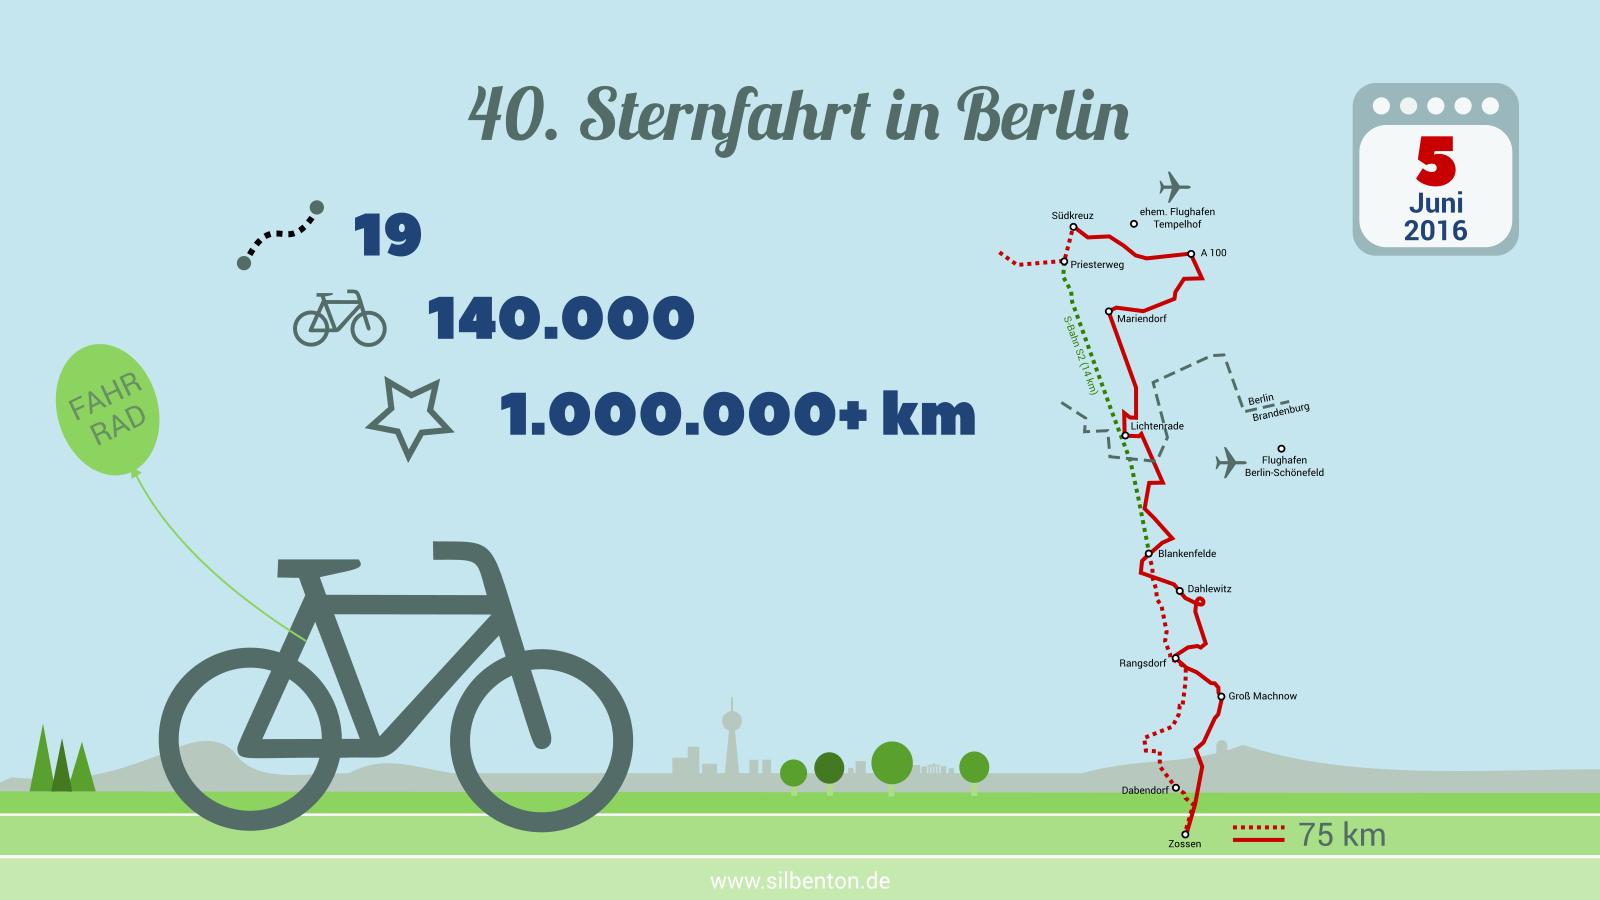 Sternfahrt 2016